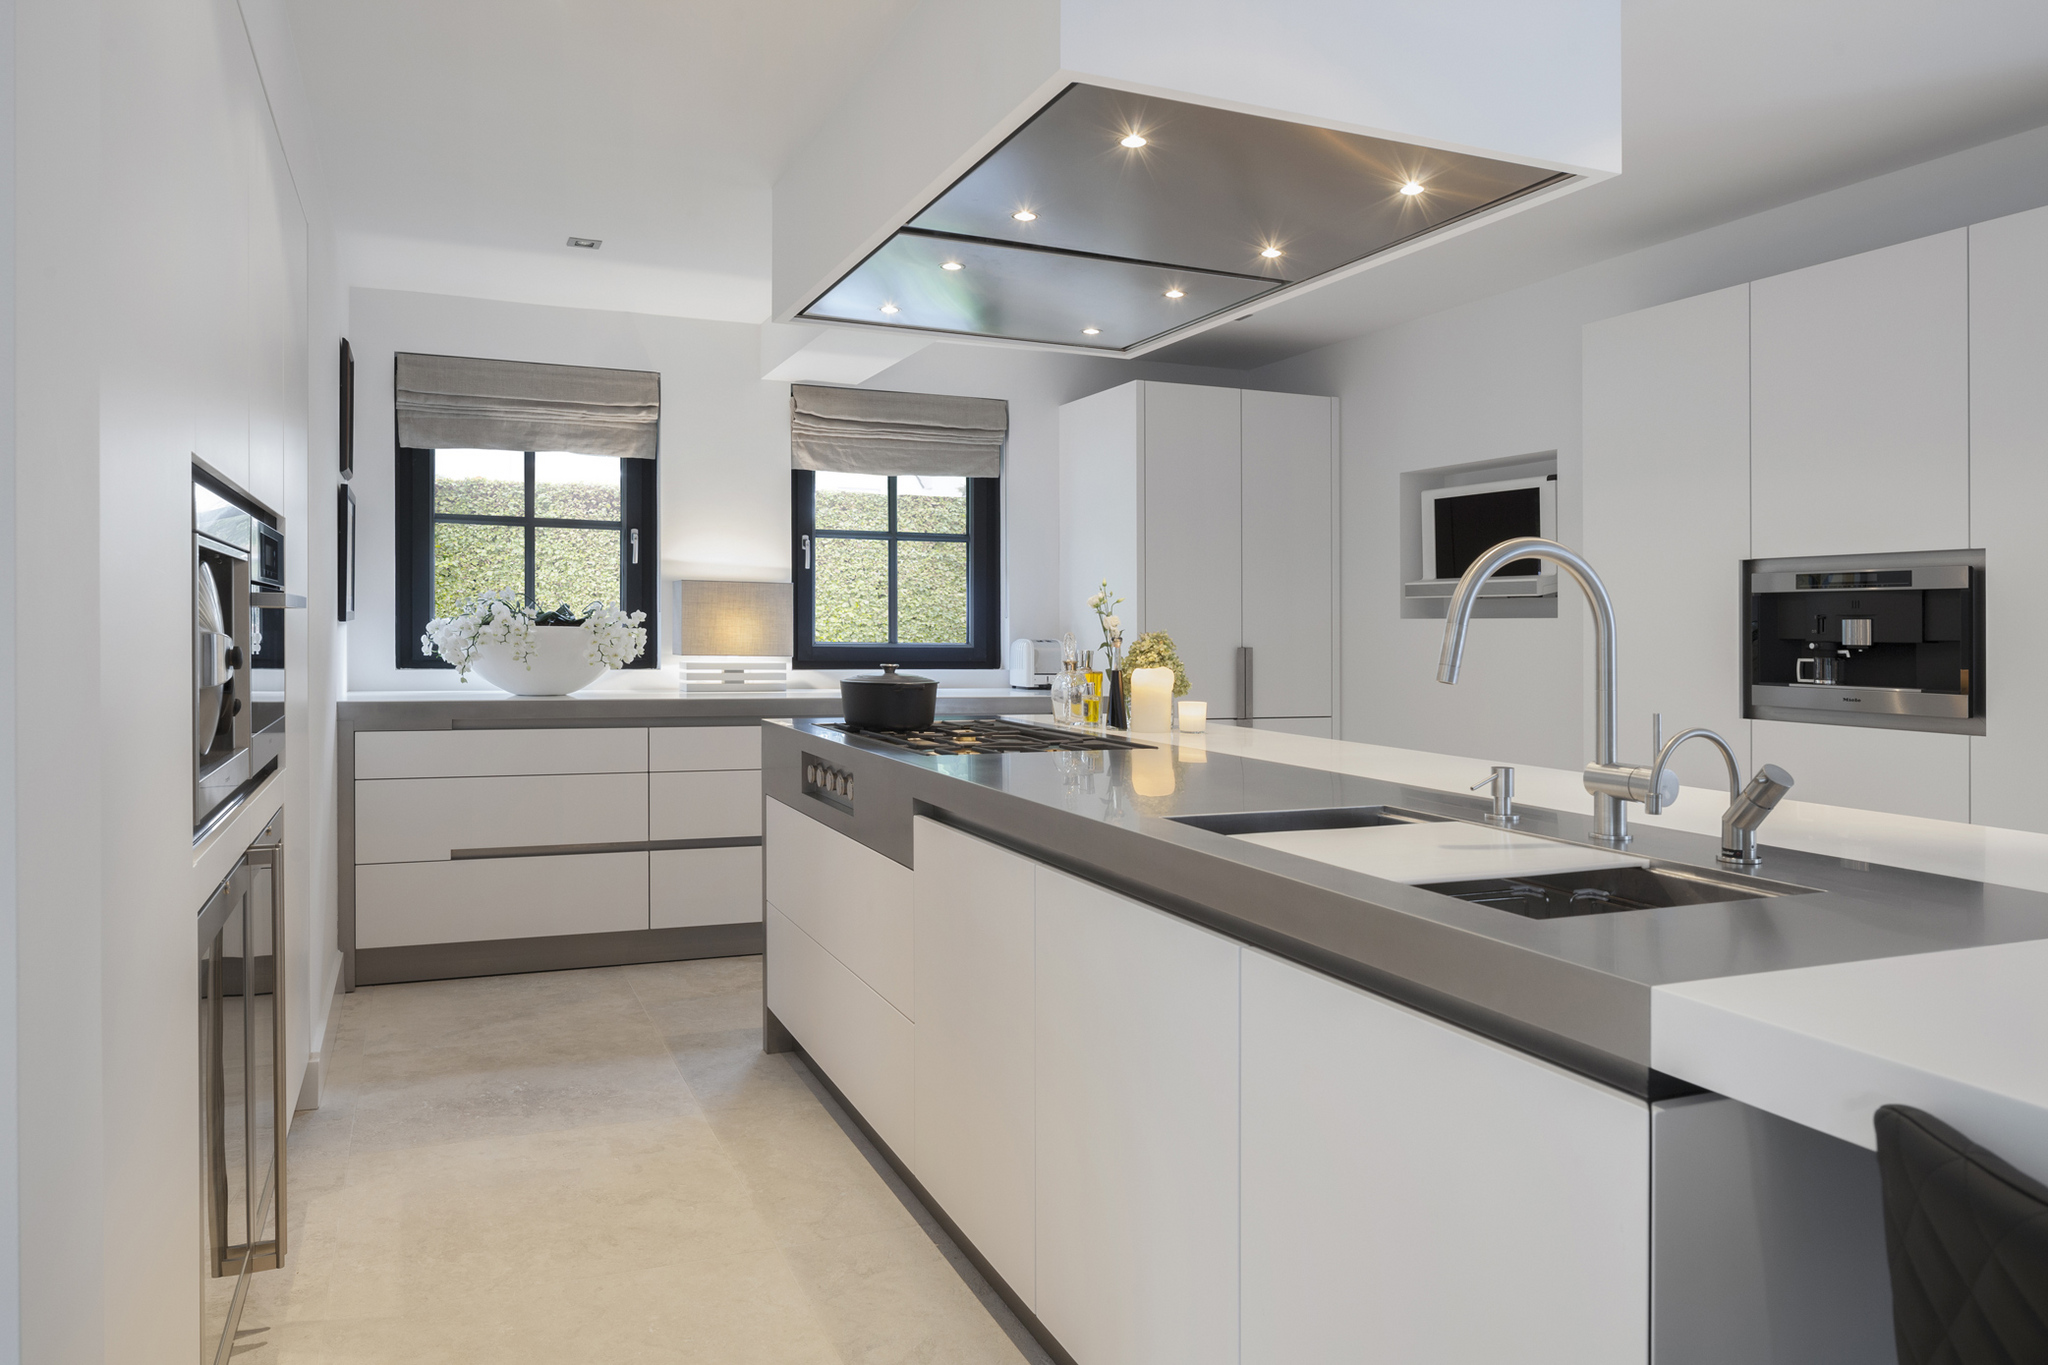 ... keuken met wit blad. Keuken met wit blad. Witte keuken met wit blad